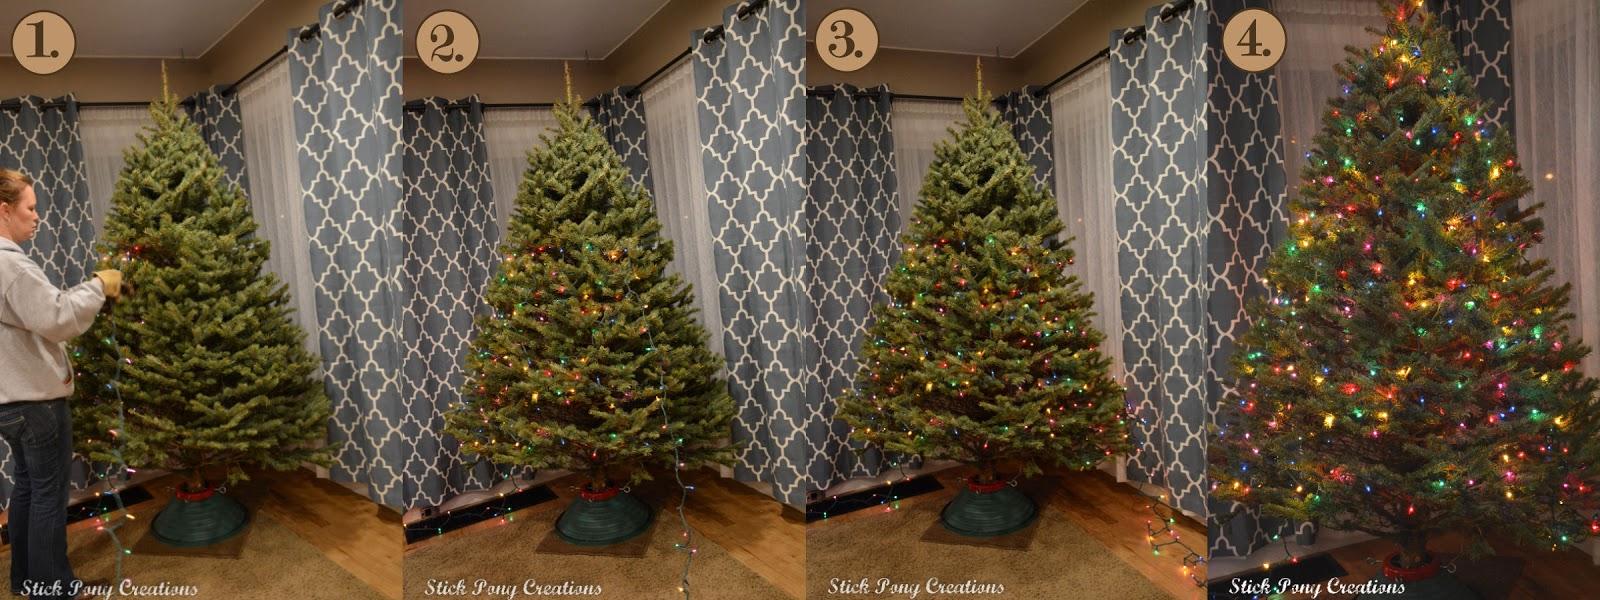 how to put lights on christmas tree uk